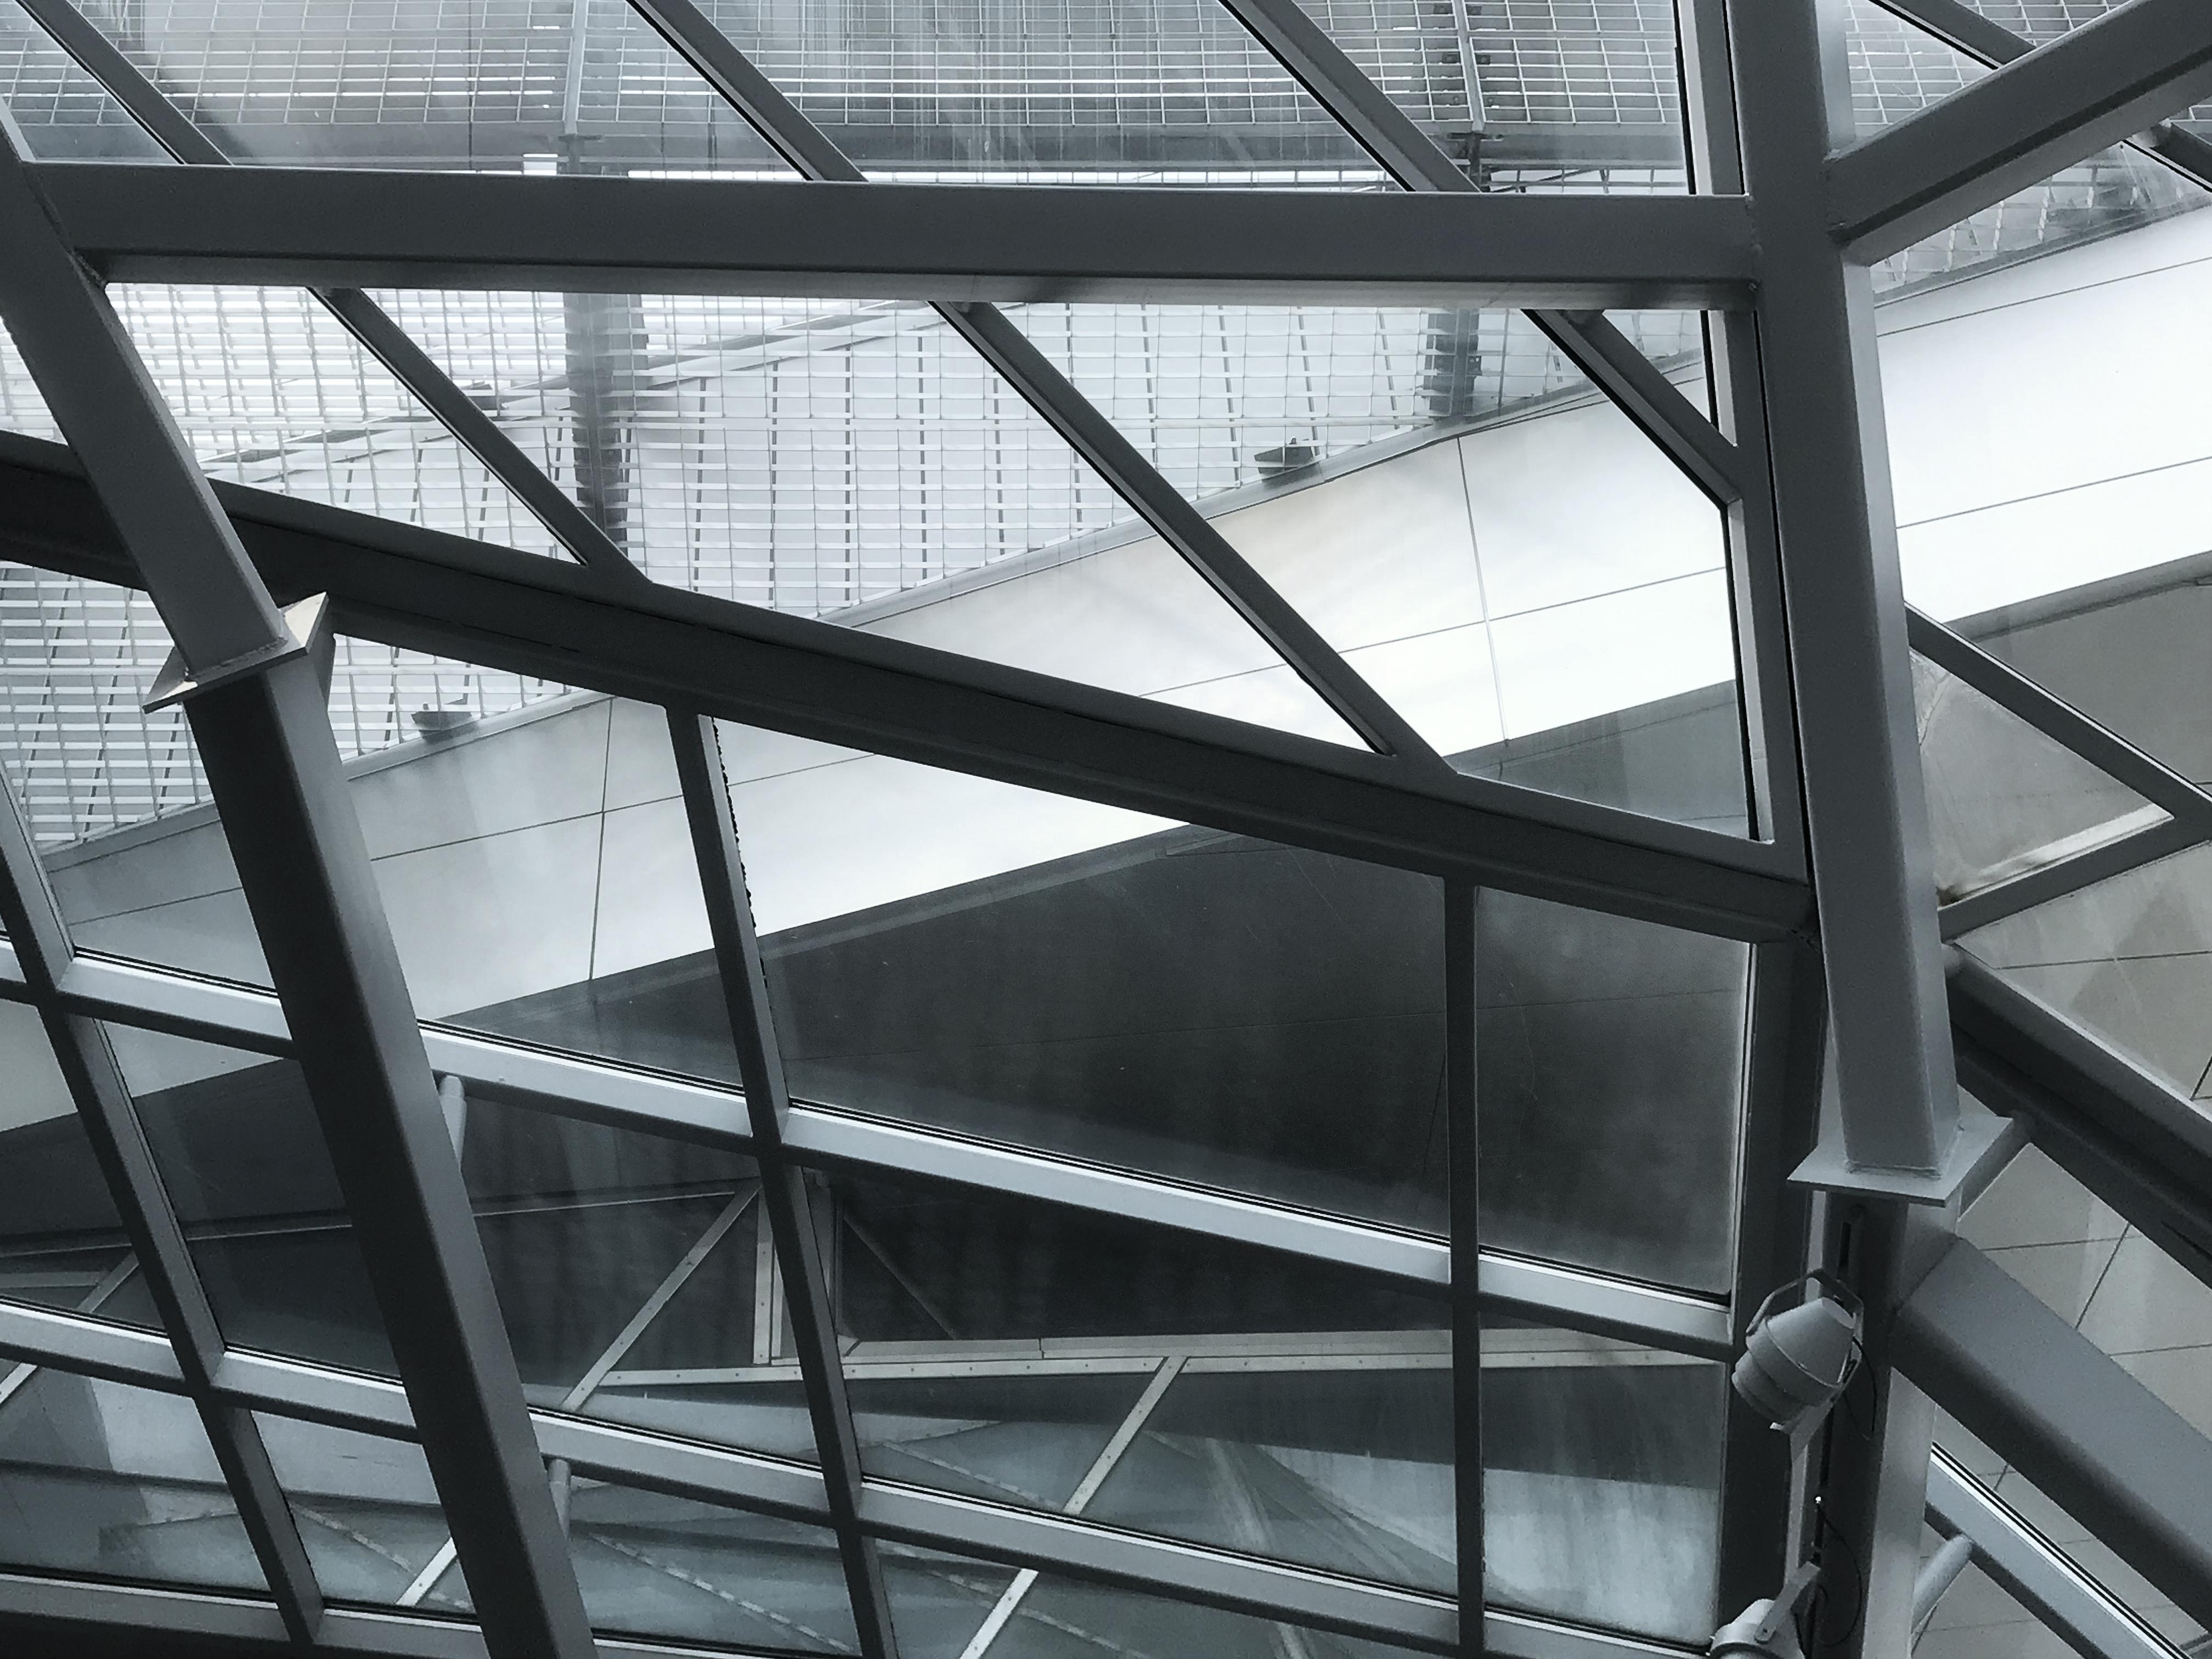 Museum Architecture 6